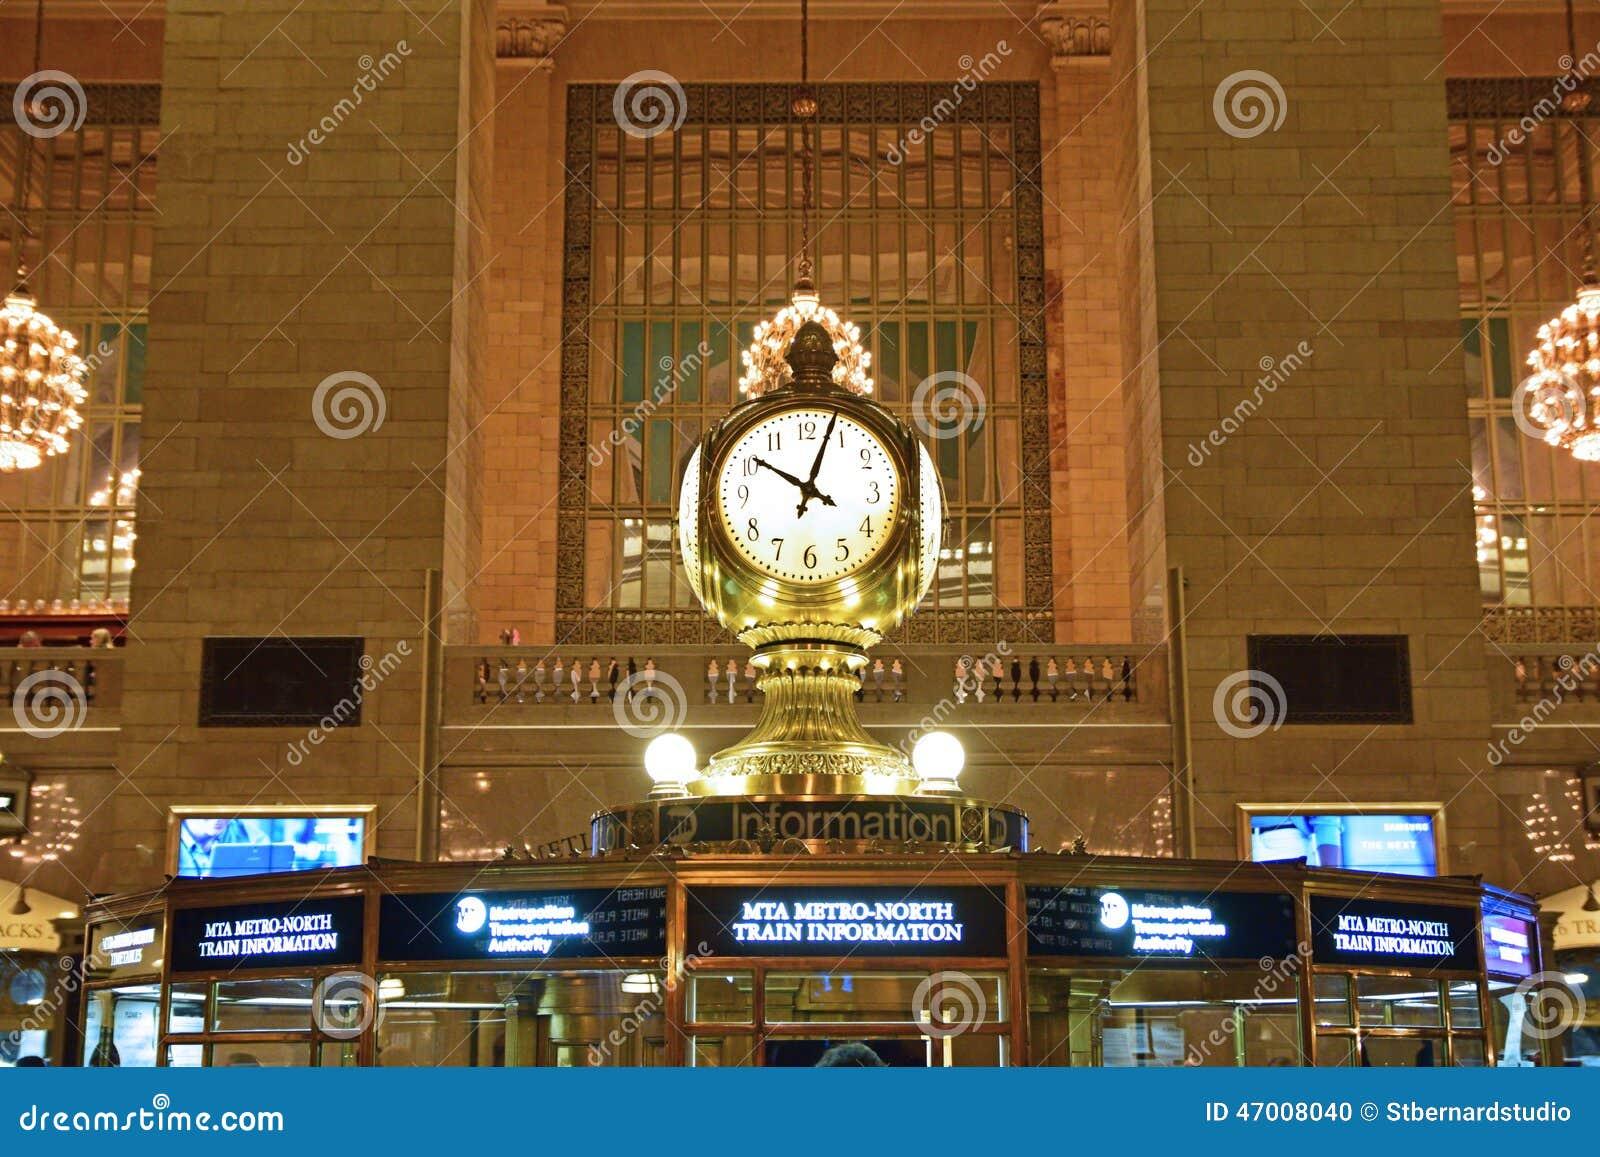 El reloj hecho frente cuatro encima de la cabina de información es uno del icono más reconocible de Grand Central